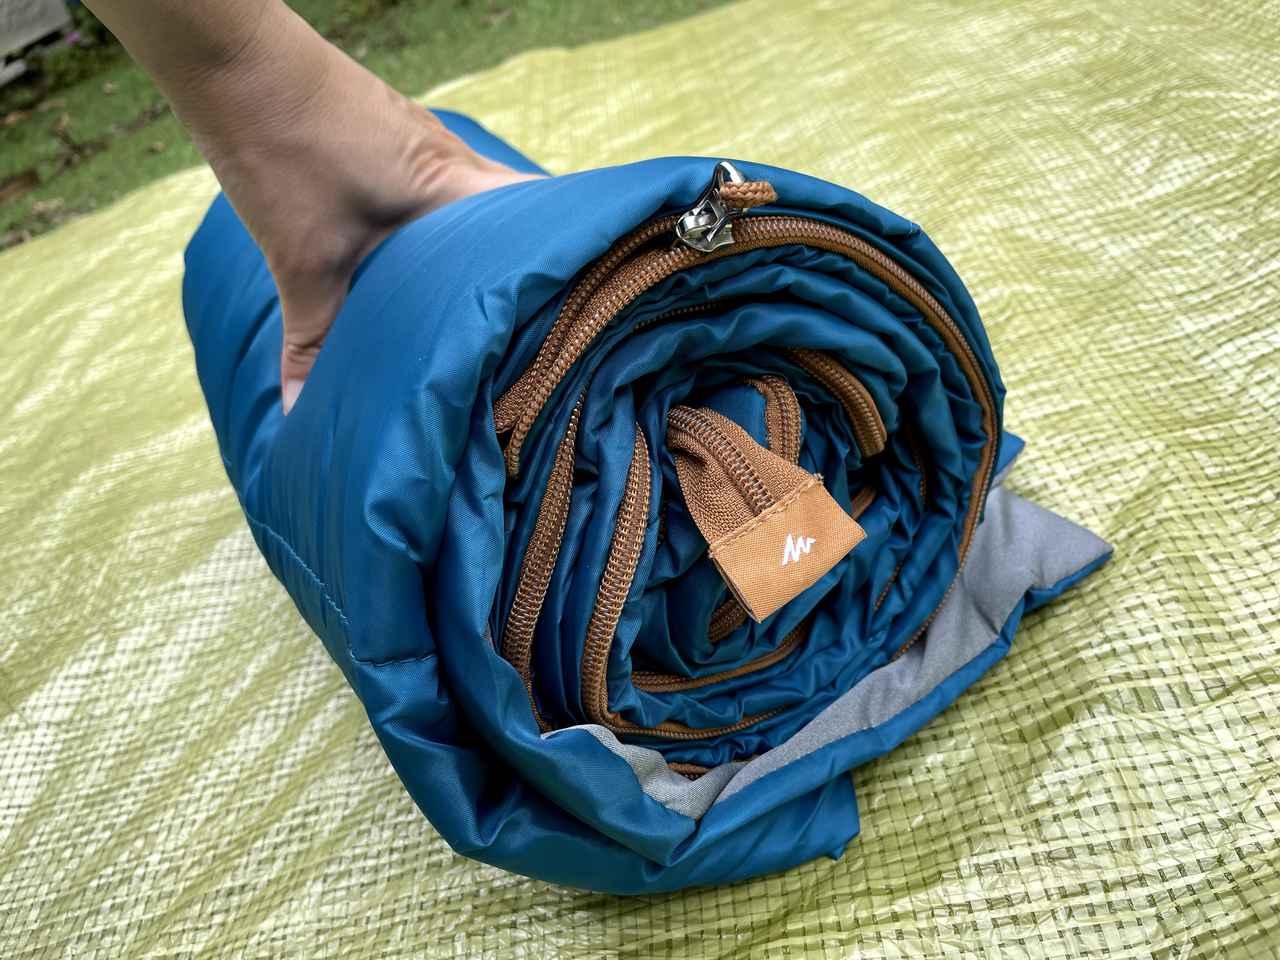 画像6: 【初夏〜秋の寝袋】デカトロン QUECHUA (ケシュア) 洗えるシュラフ ARPENAZ 20℃はキャンプデビューにオススメ!